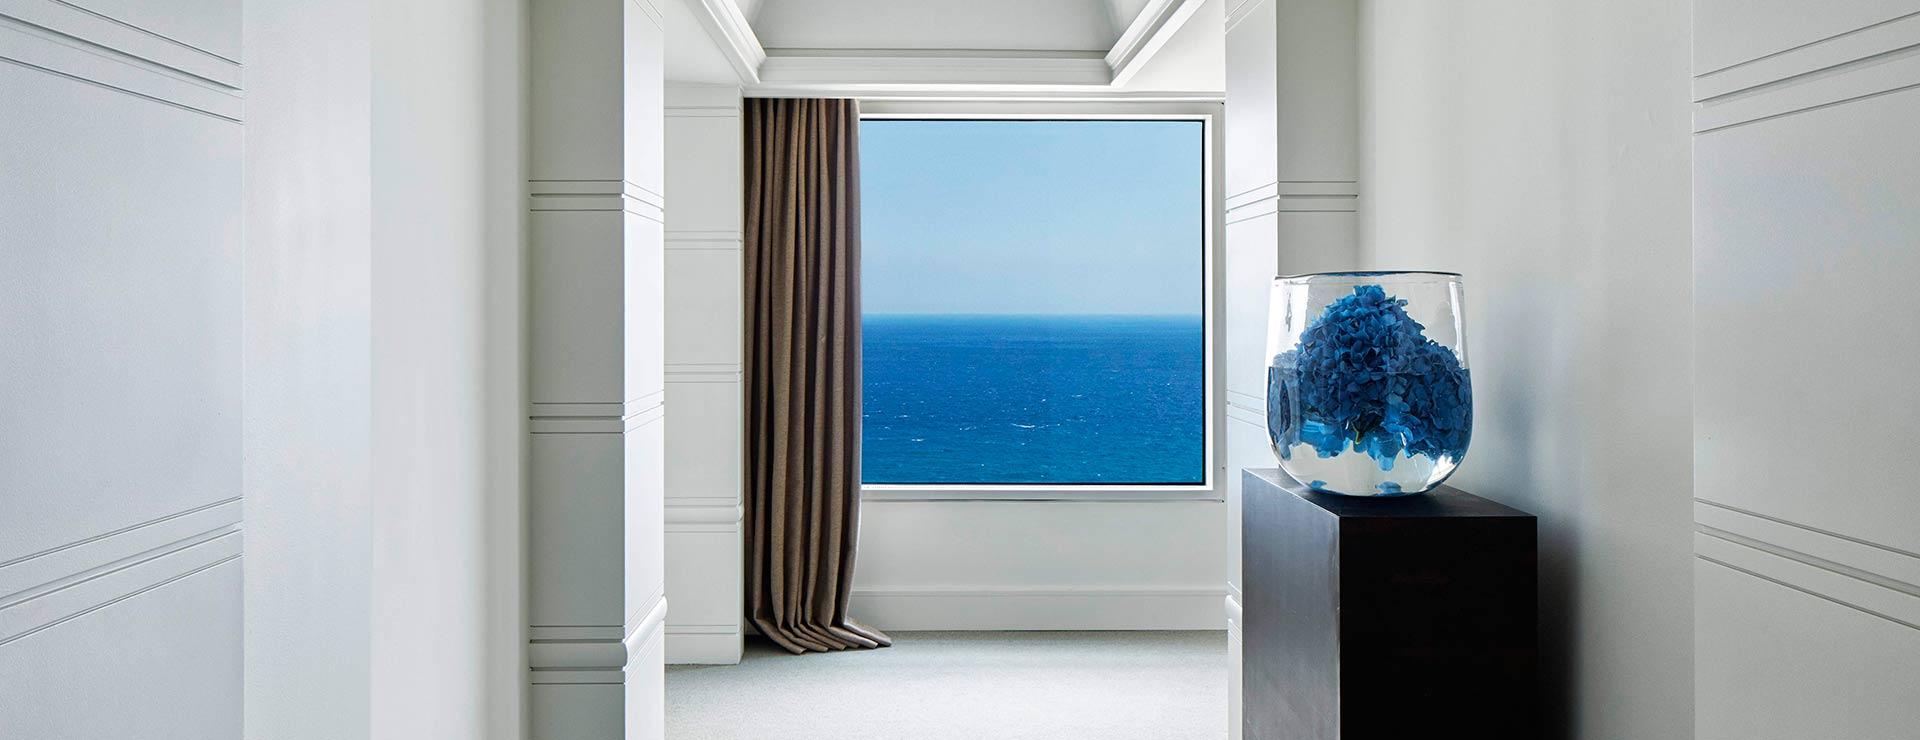 جناح البحر الأبيض المتوسط